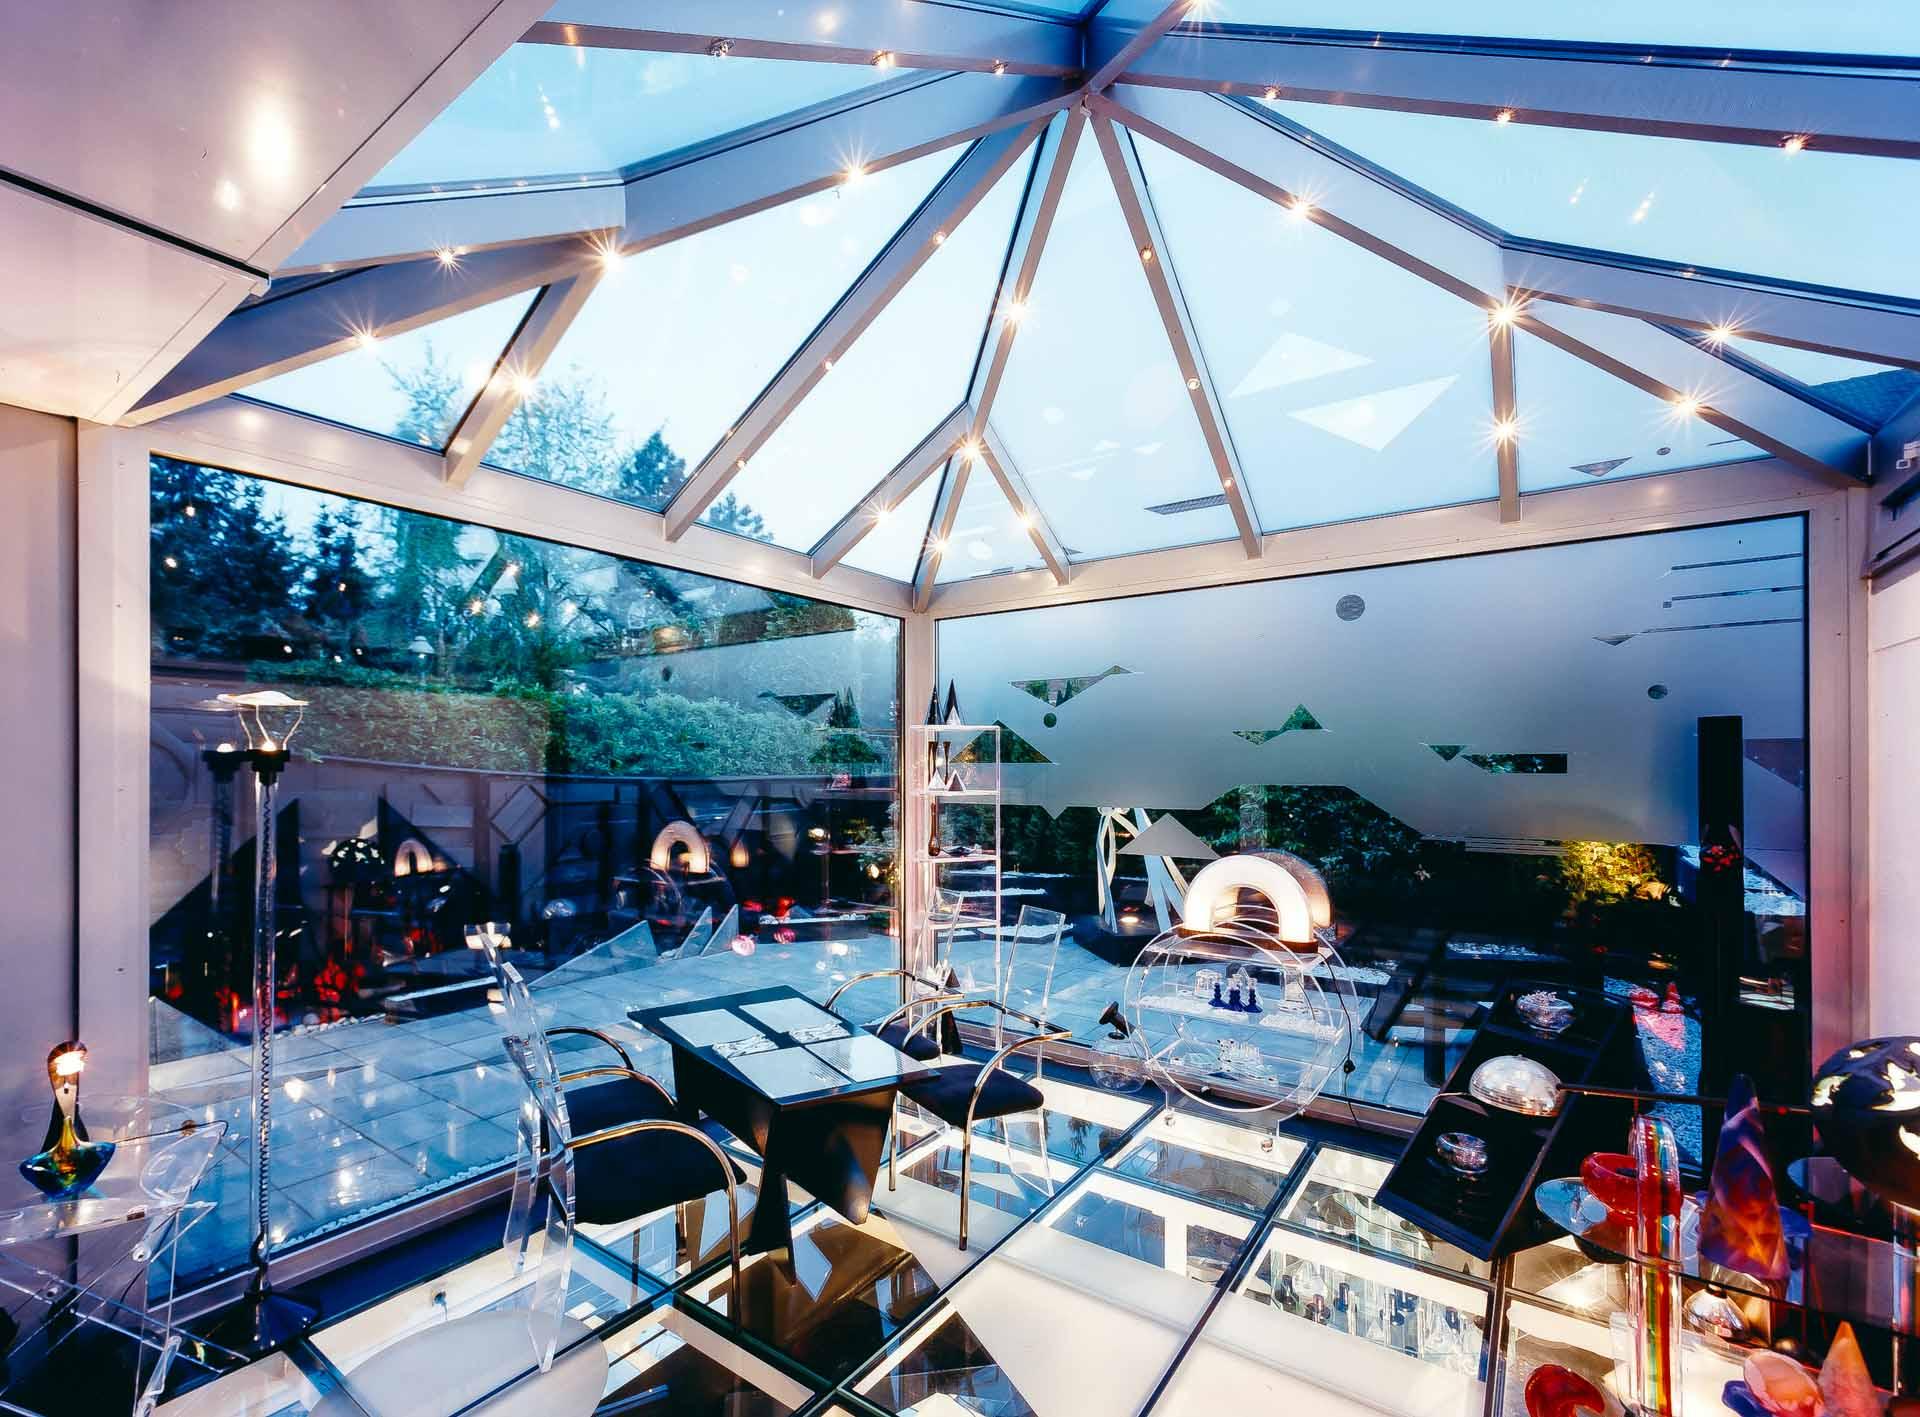 Wintergarten mit begehbarem Glasboden in Düsseldorf (Objekt 658. Ungewöhnliche Effekte durch riesige Glasflächen und dem exklusiven Glasboden über dem Untergeschoss